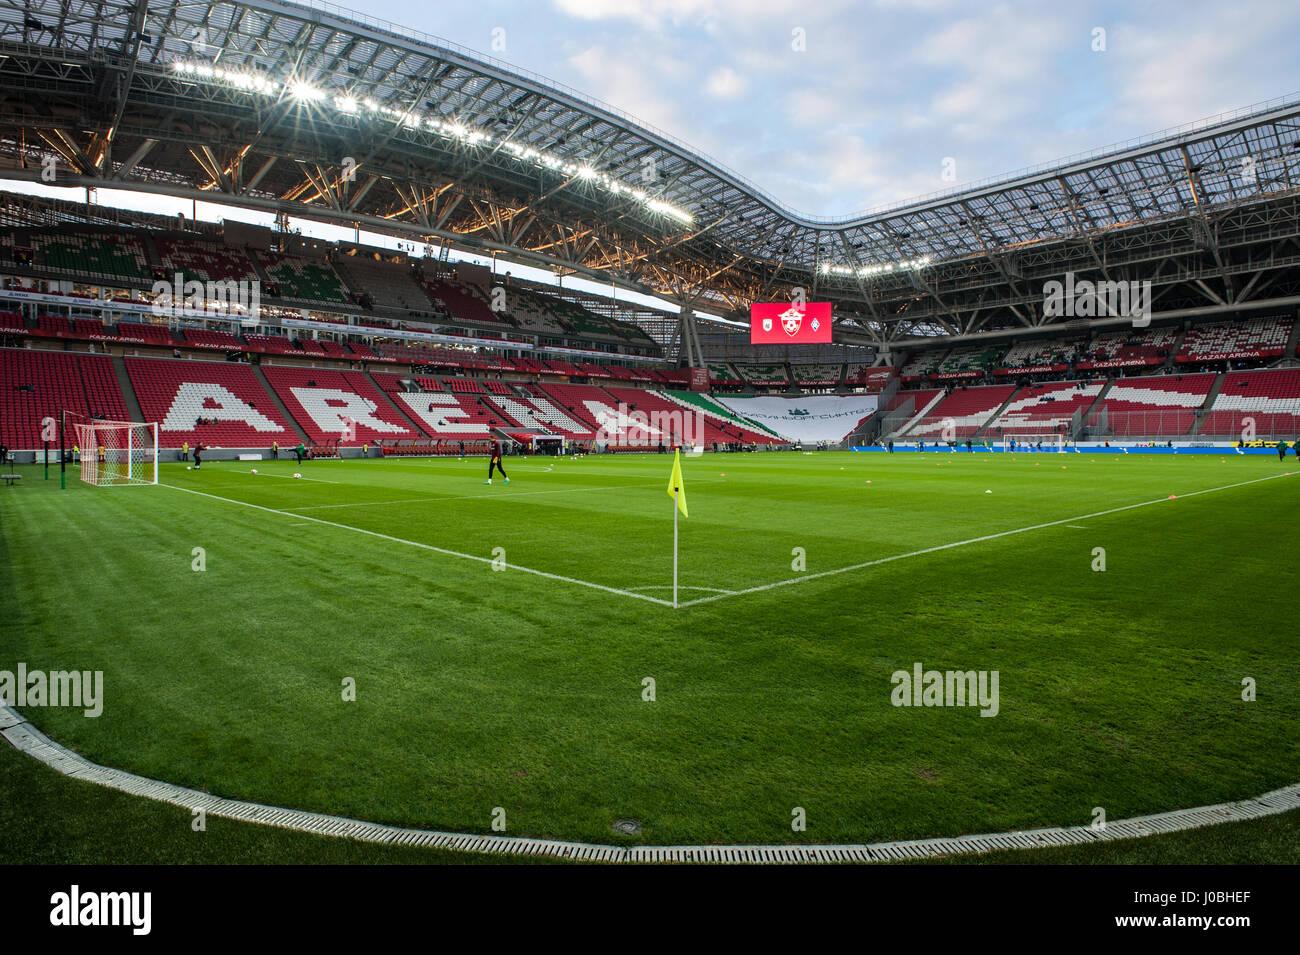 Central Stadium, Kazan: history, address and capacity 22